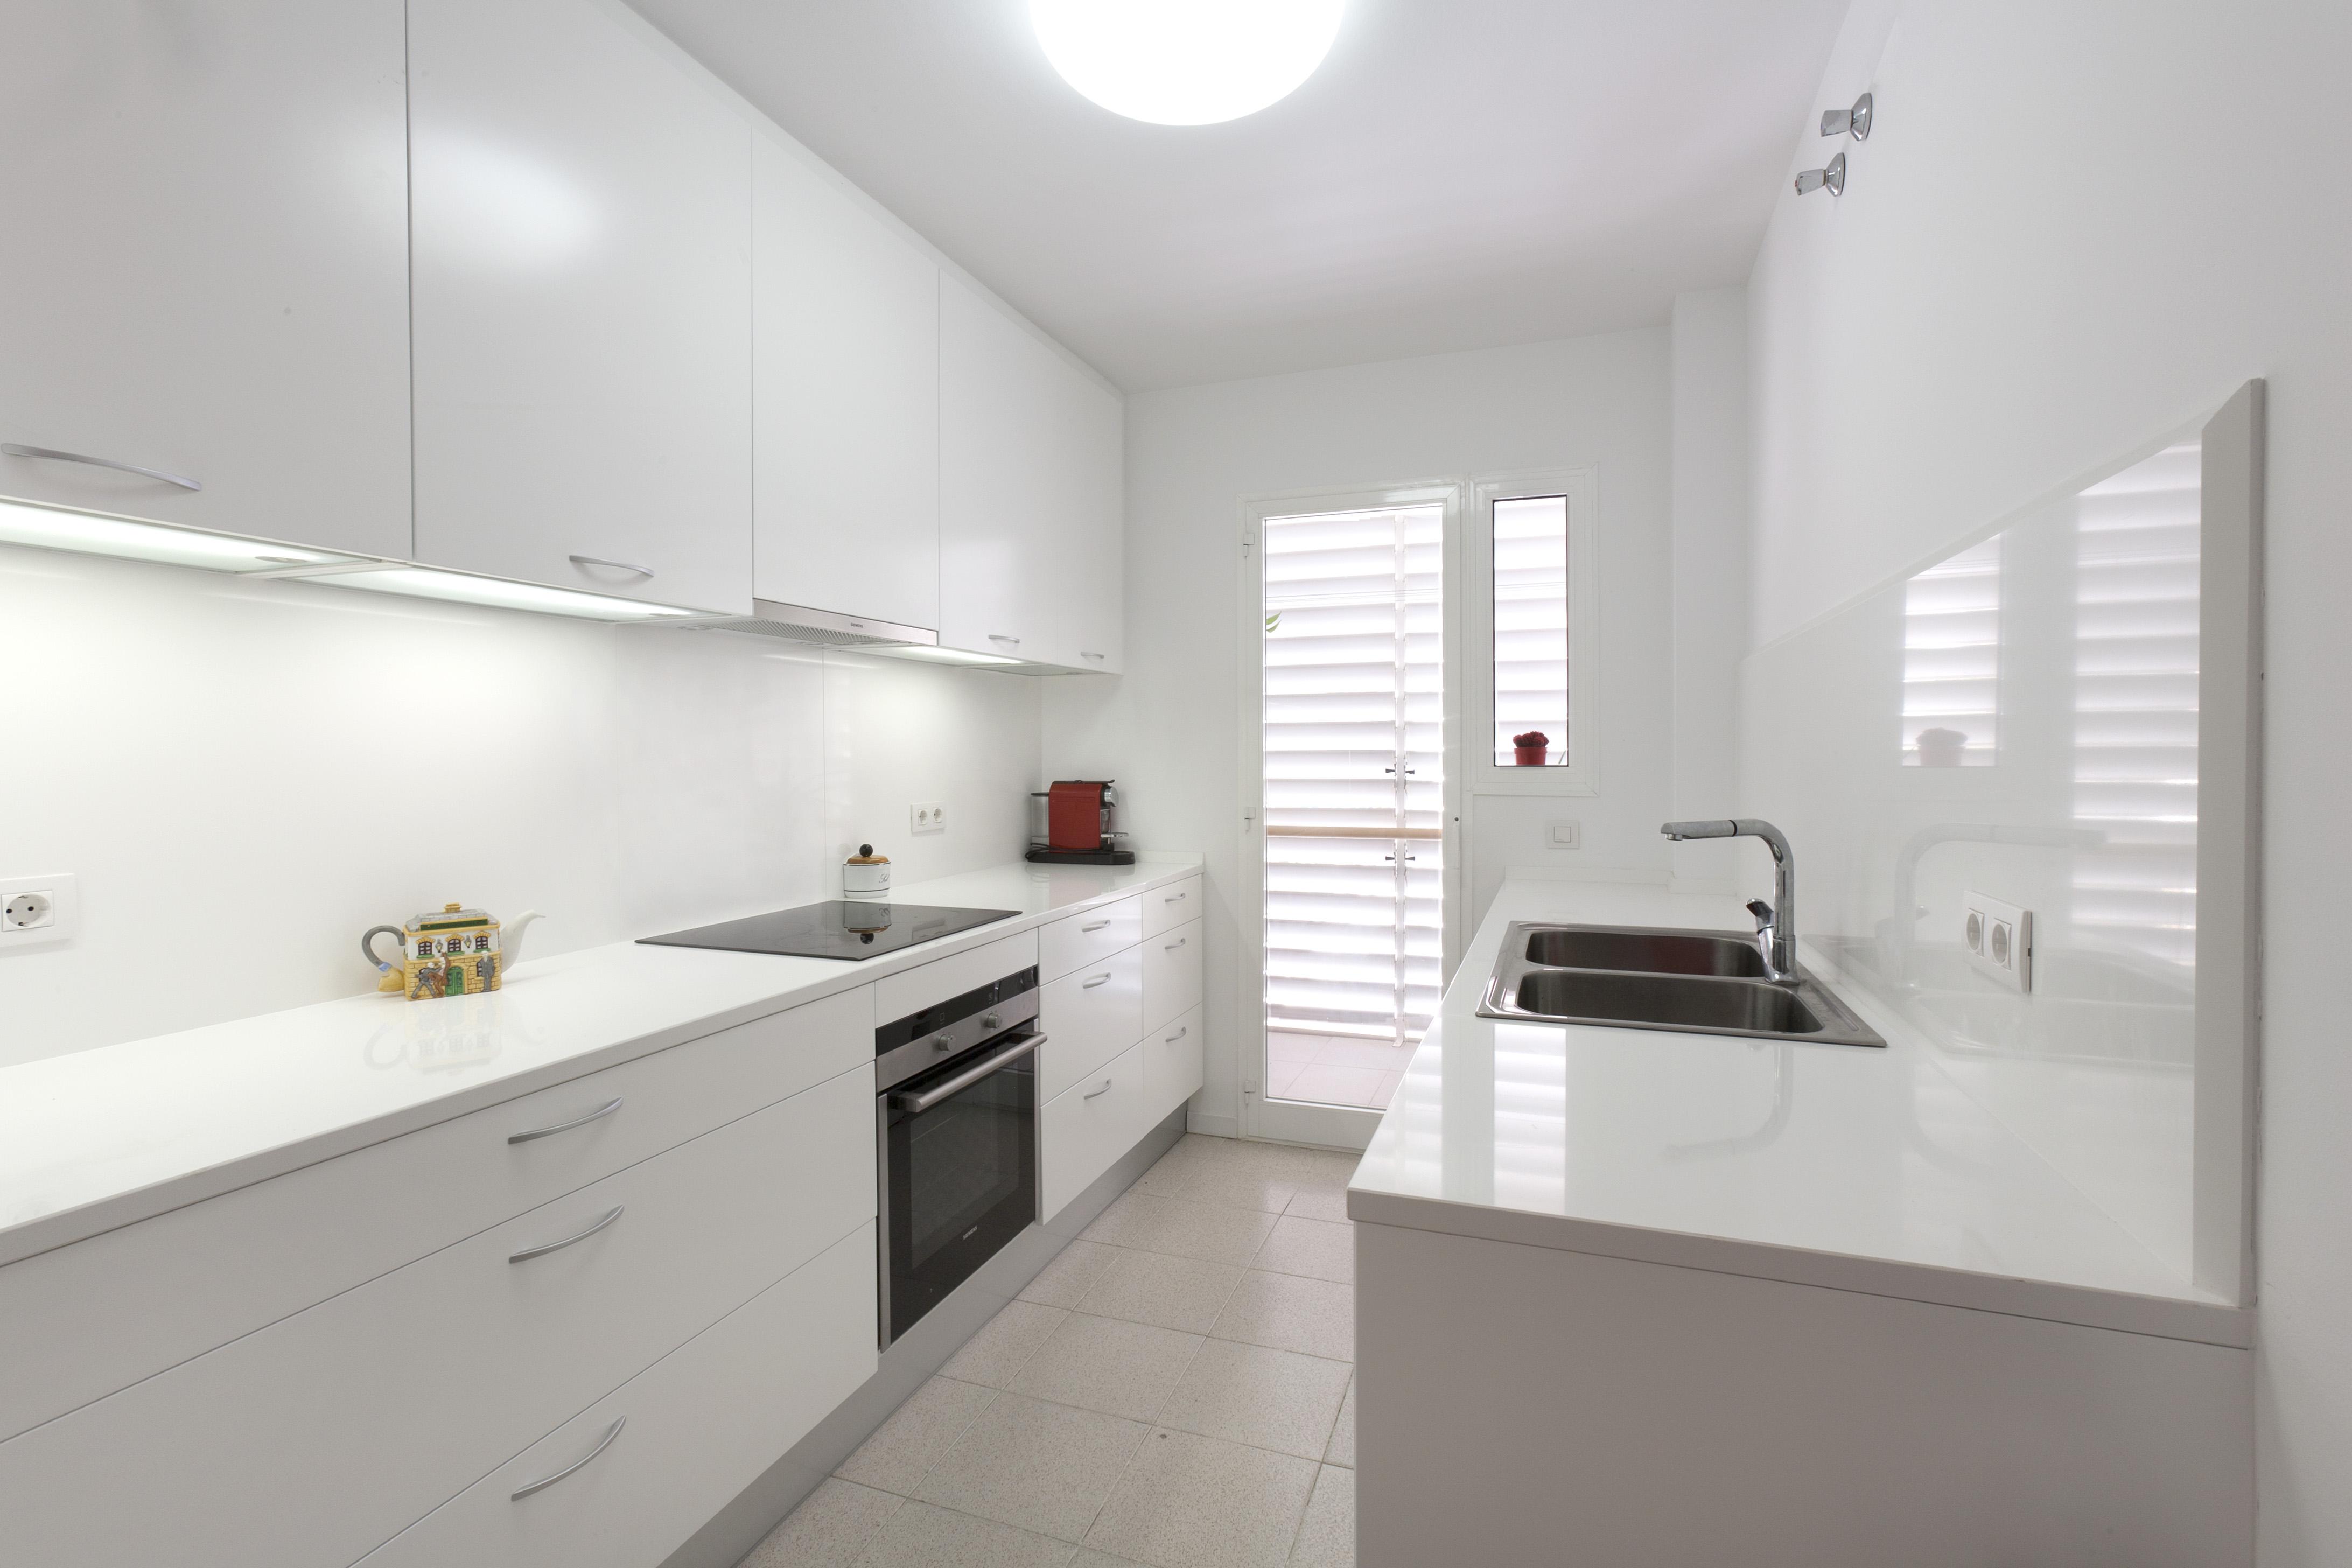 Escoger muebles multifuncionales para ganar espacio en el piso for Reformas de cocinas